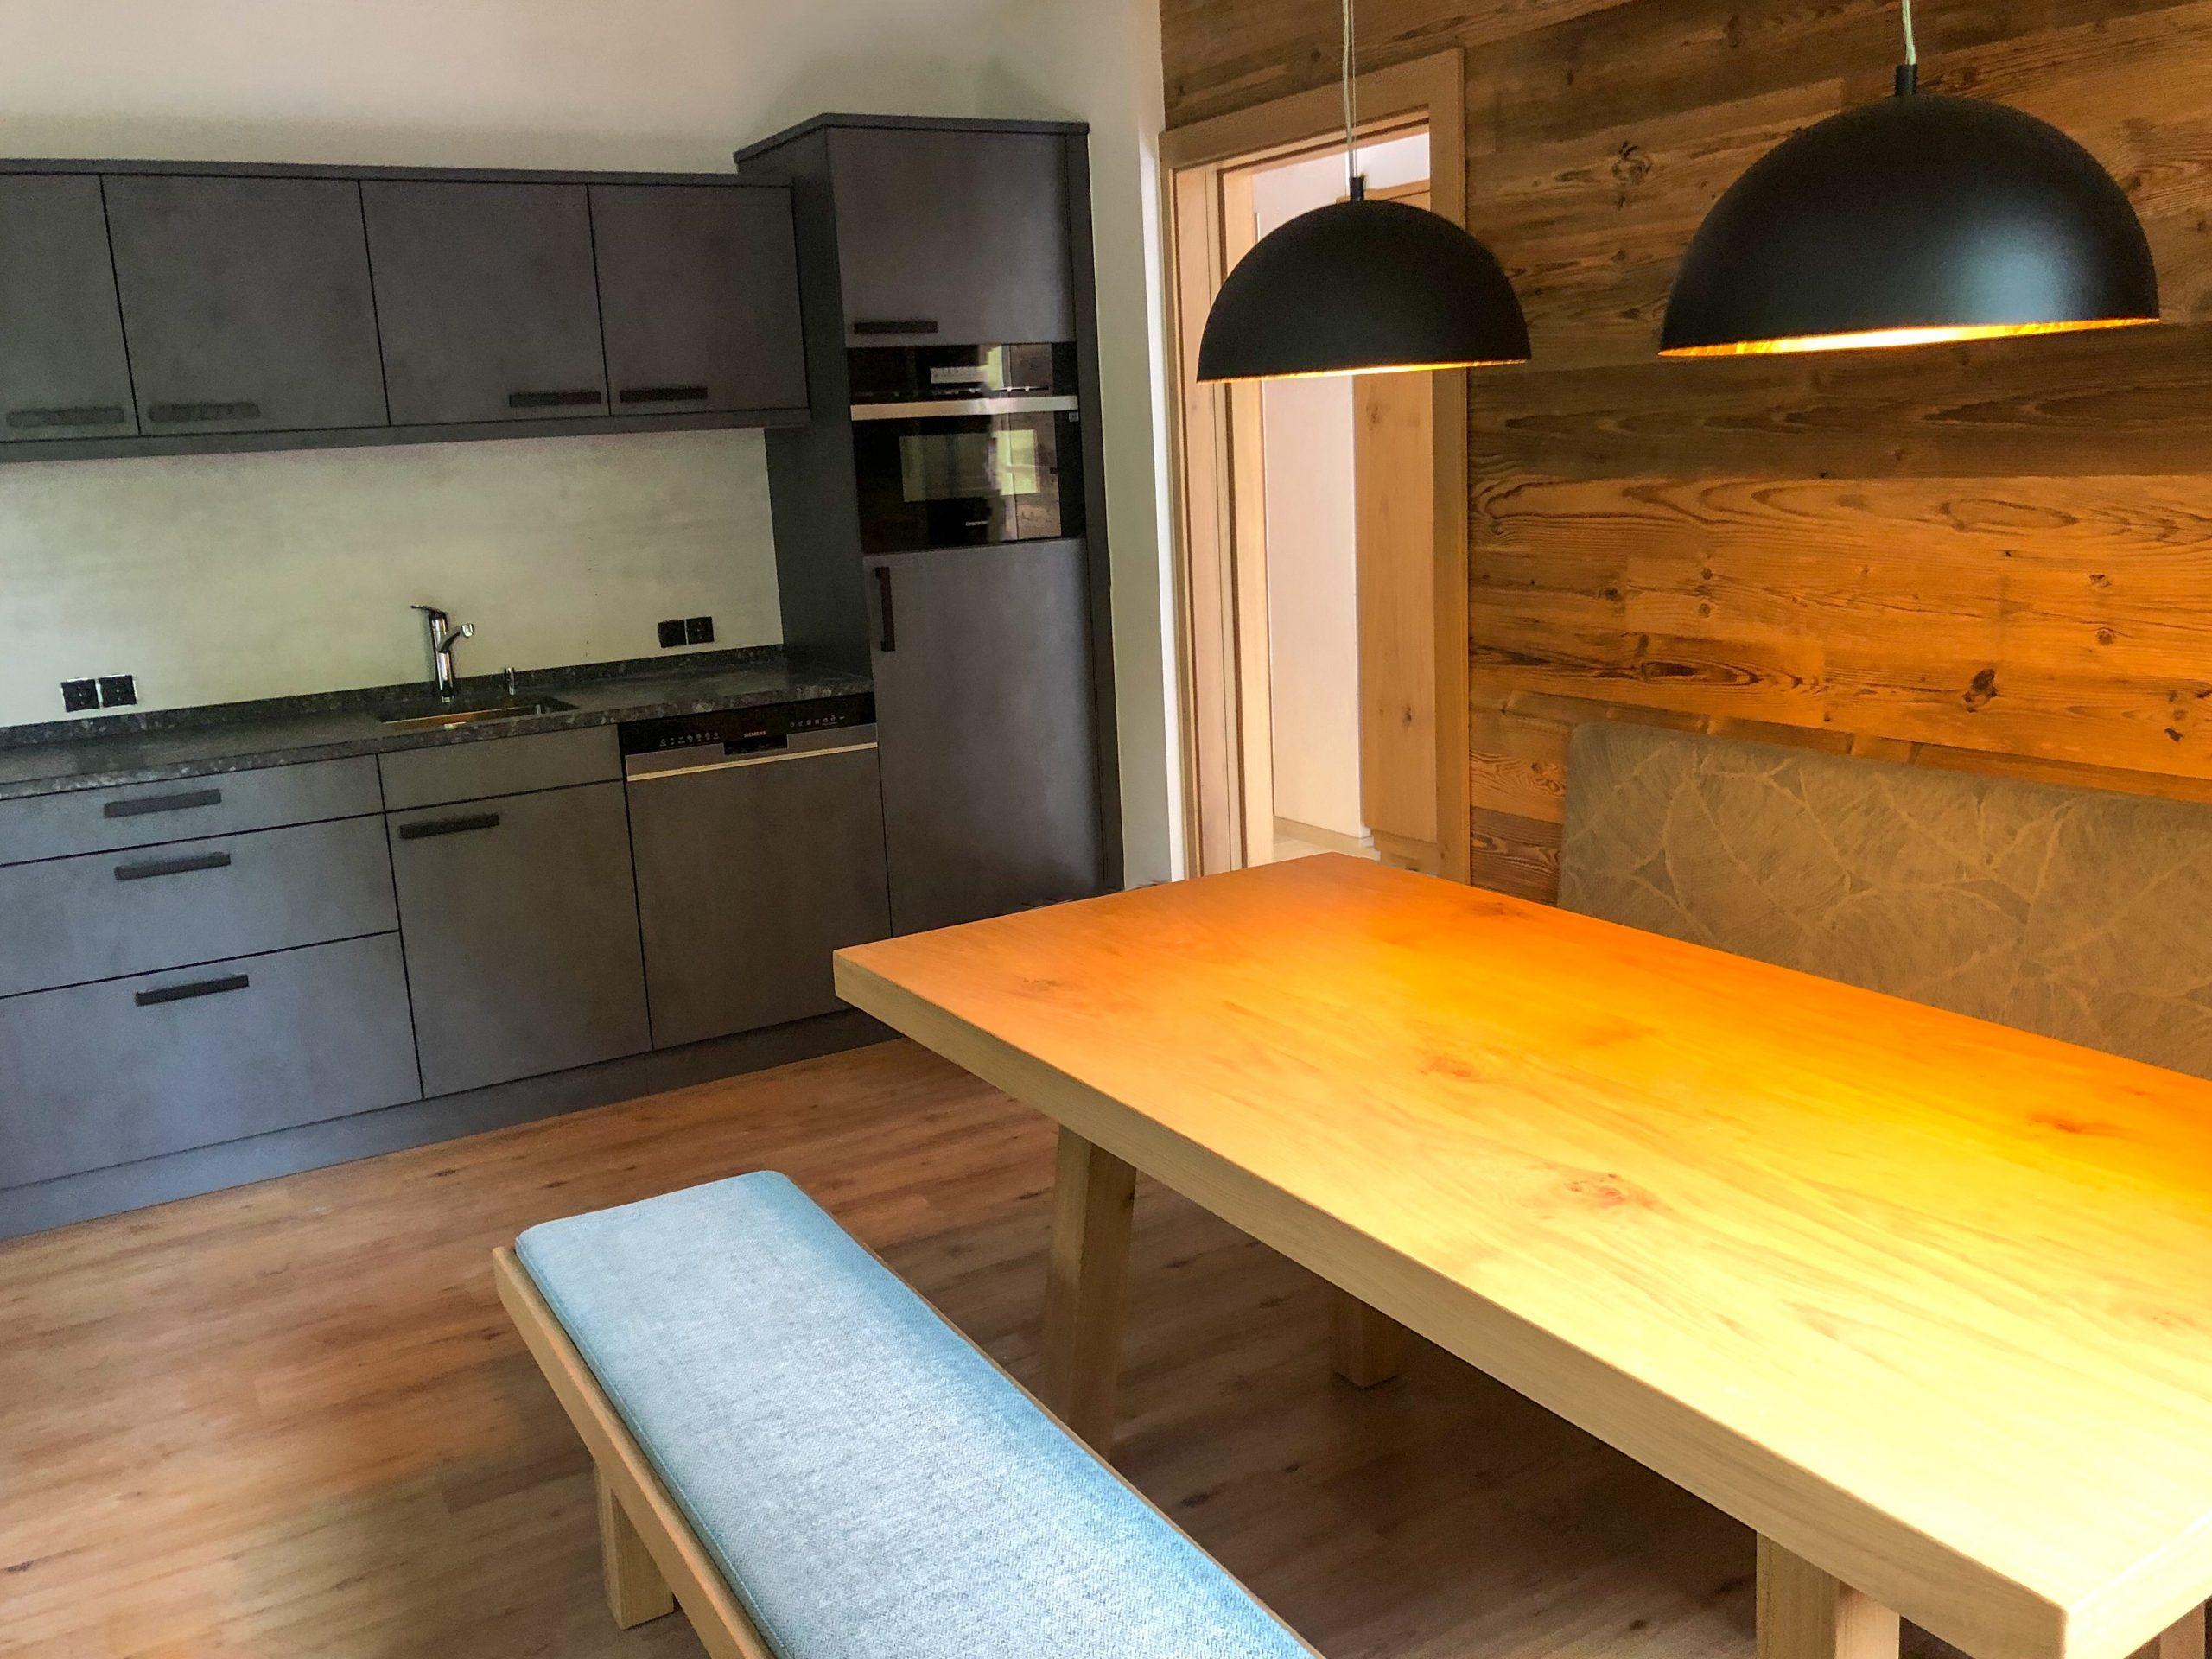 ng_Kellerjoch_Hechenblaikner_Appartements_Reith_Alpbachtal_Tirol_Kueche-2